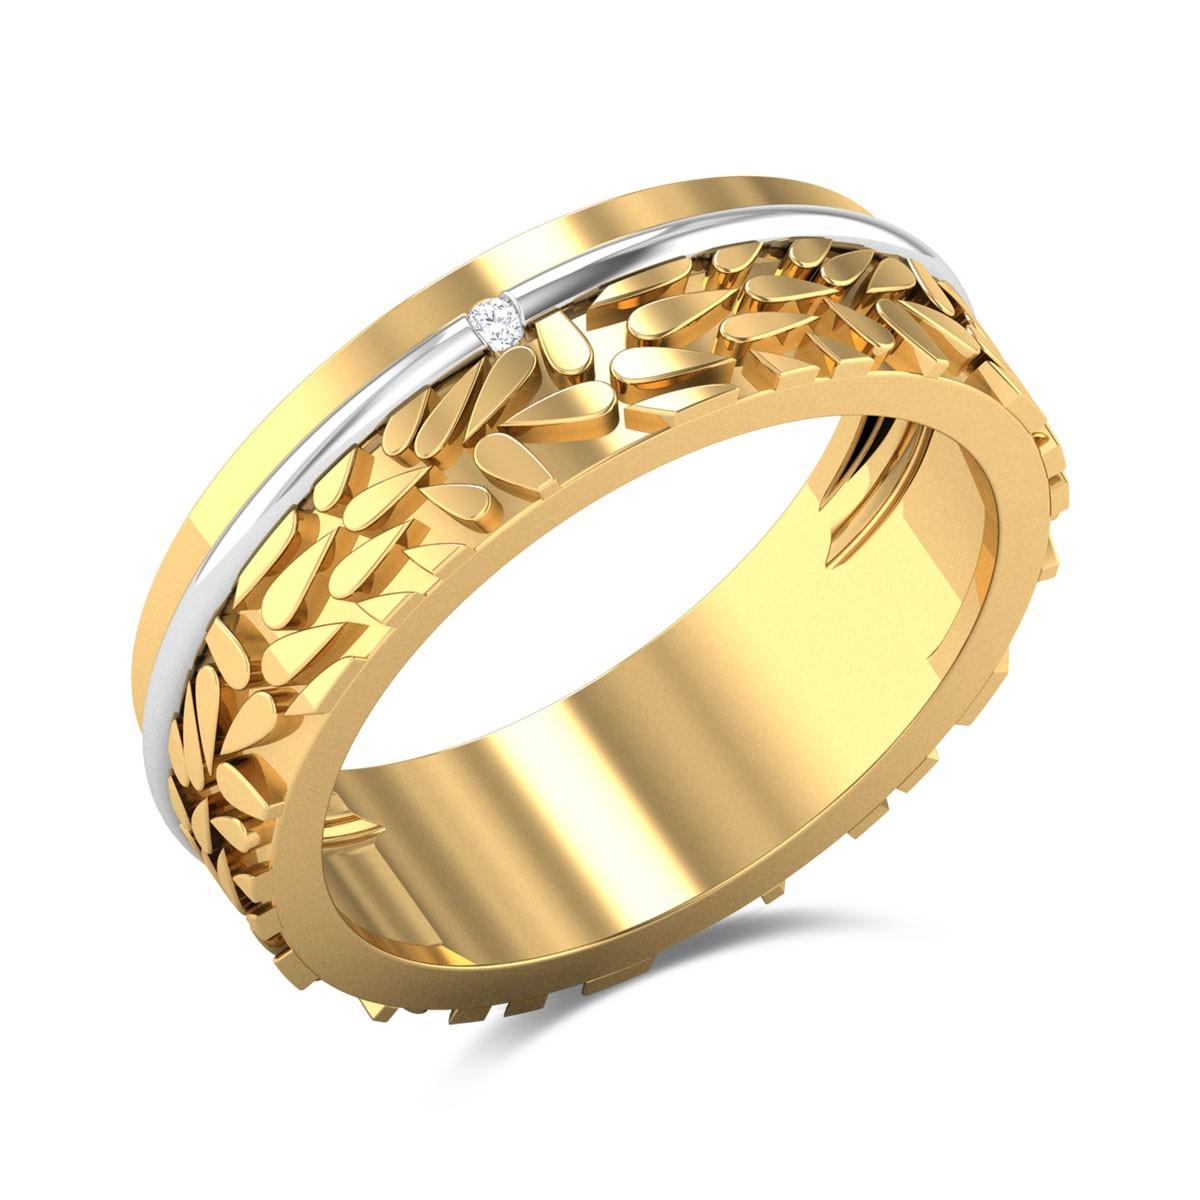 Alanis Diamond Ring